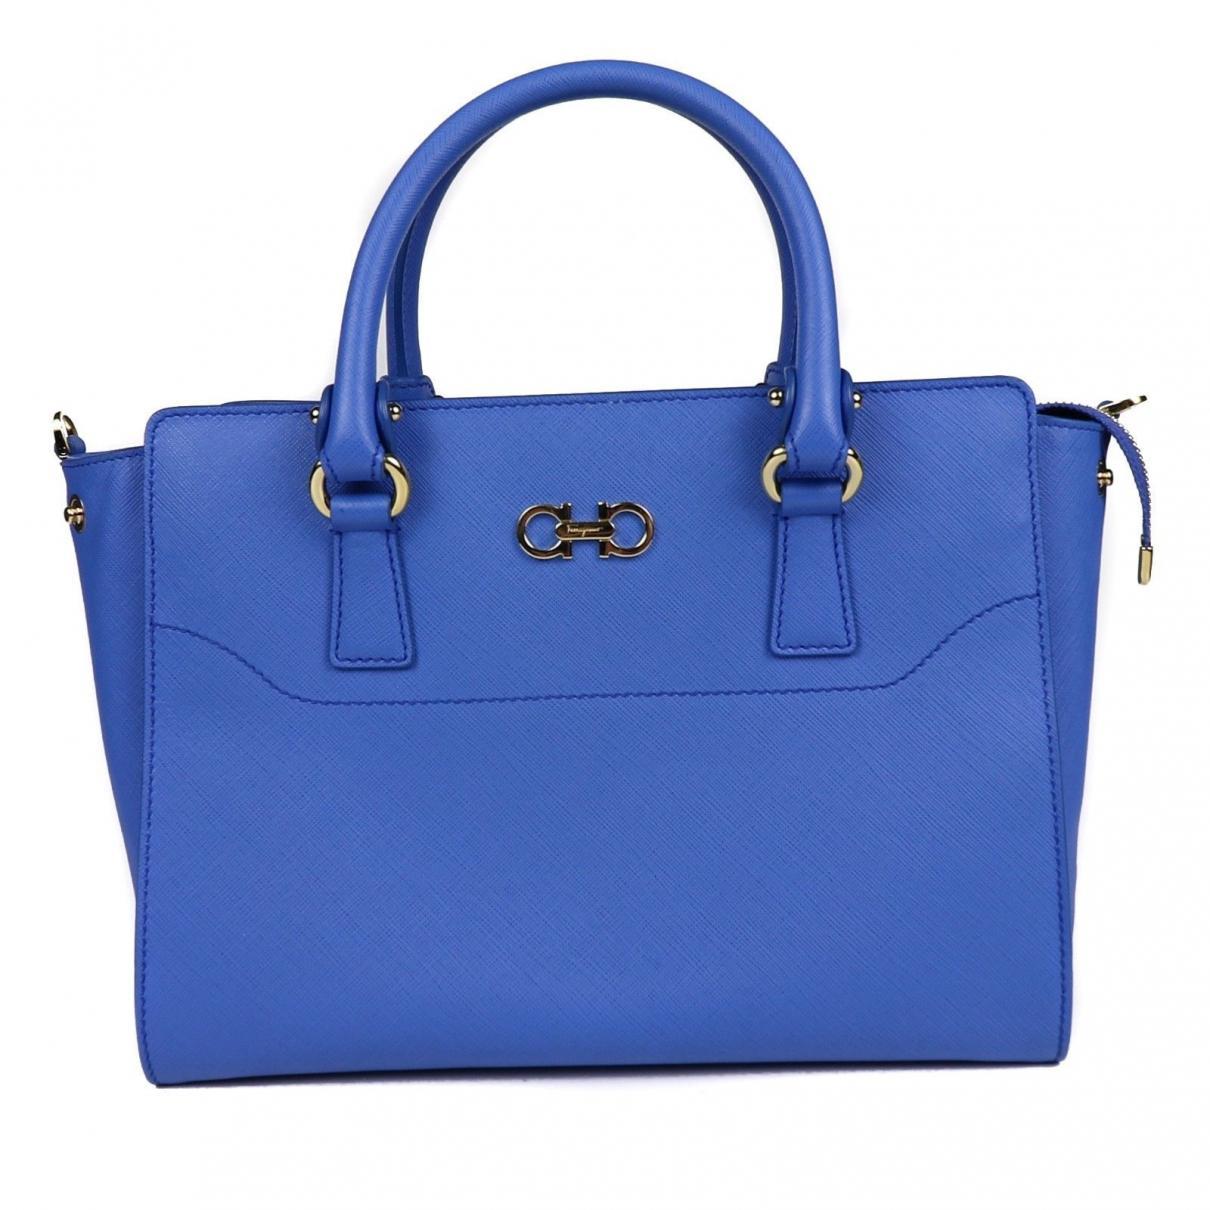 fb5401d939 Lyst - Ferragamo Leather Handbag in Blue